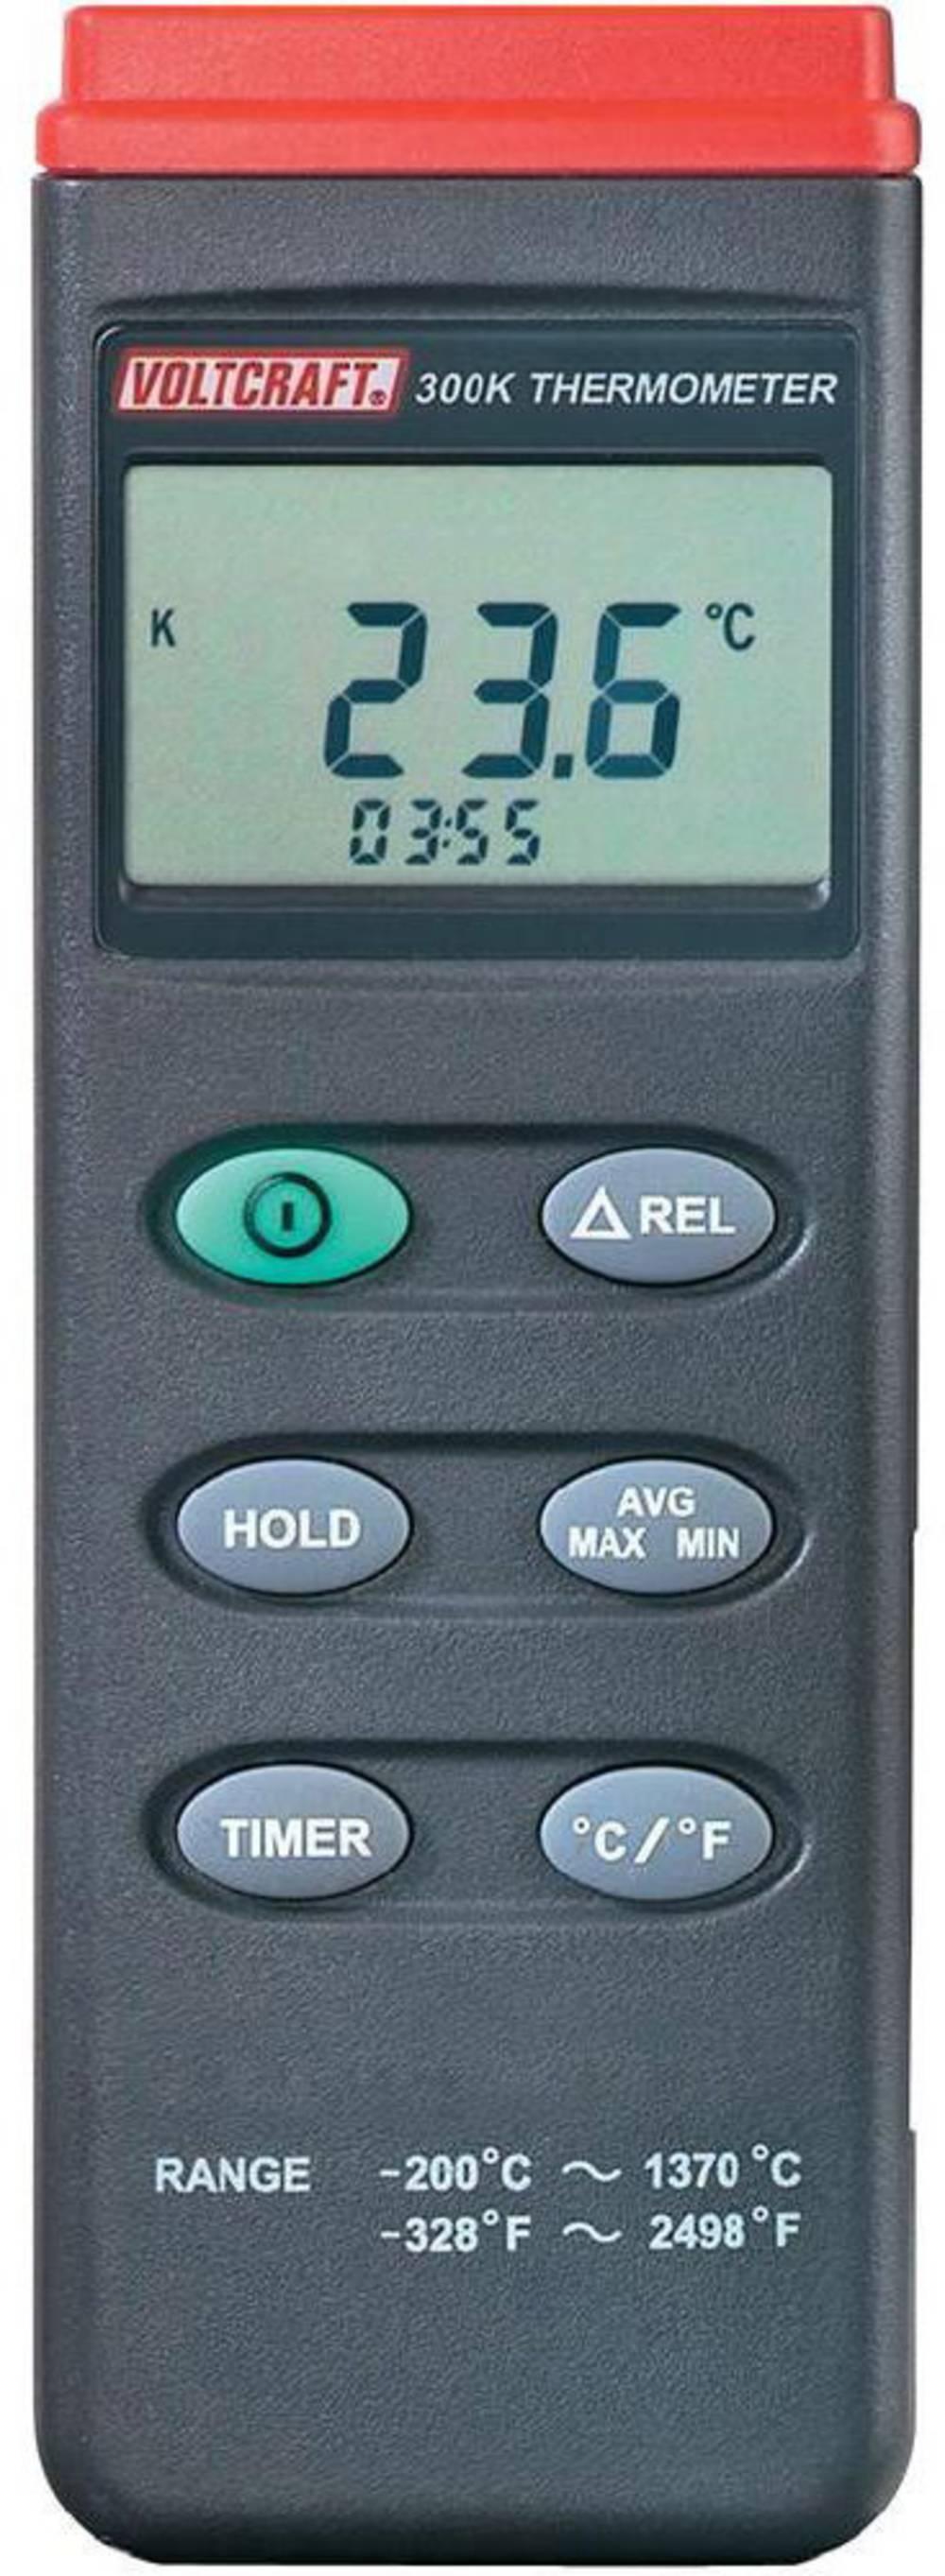 Merilnik temperature VOLTCRAFT K204 -200 do +1370 °C tip senzorja K s funkcijo zapisovanja podatkov